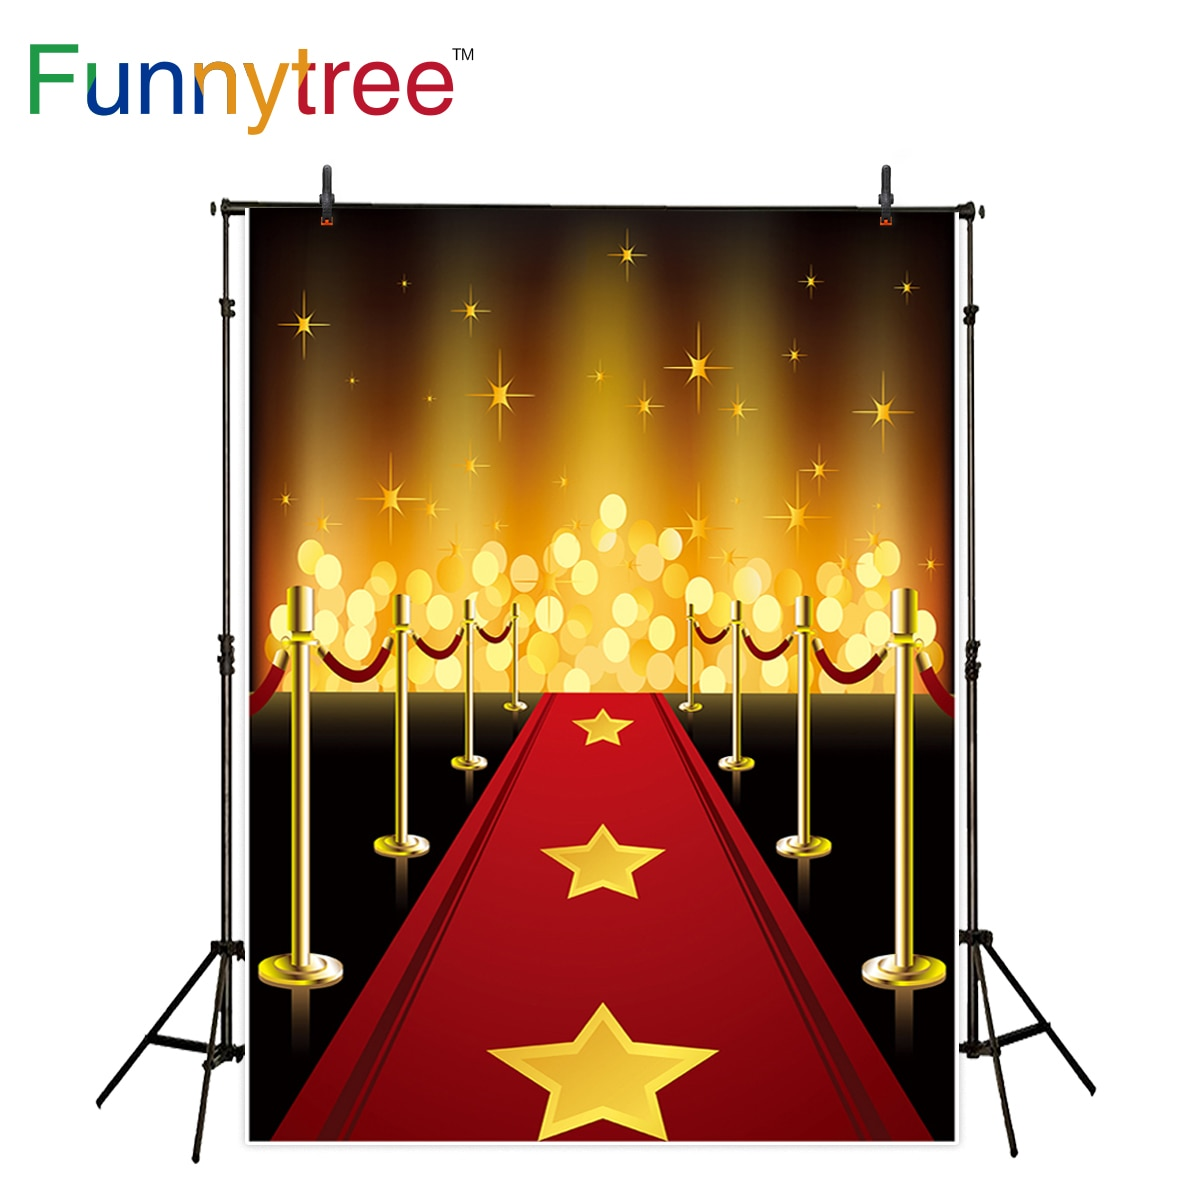 Funnytree telón de fondo para estudio fotográfico superestrellas alfombra roja fiesta brillante halo bokeh Fondo fotografía nueva foto prop